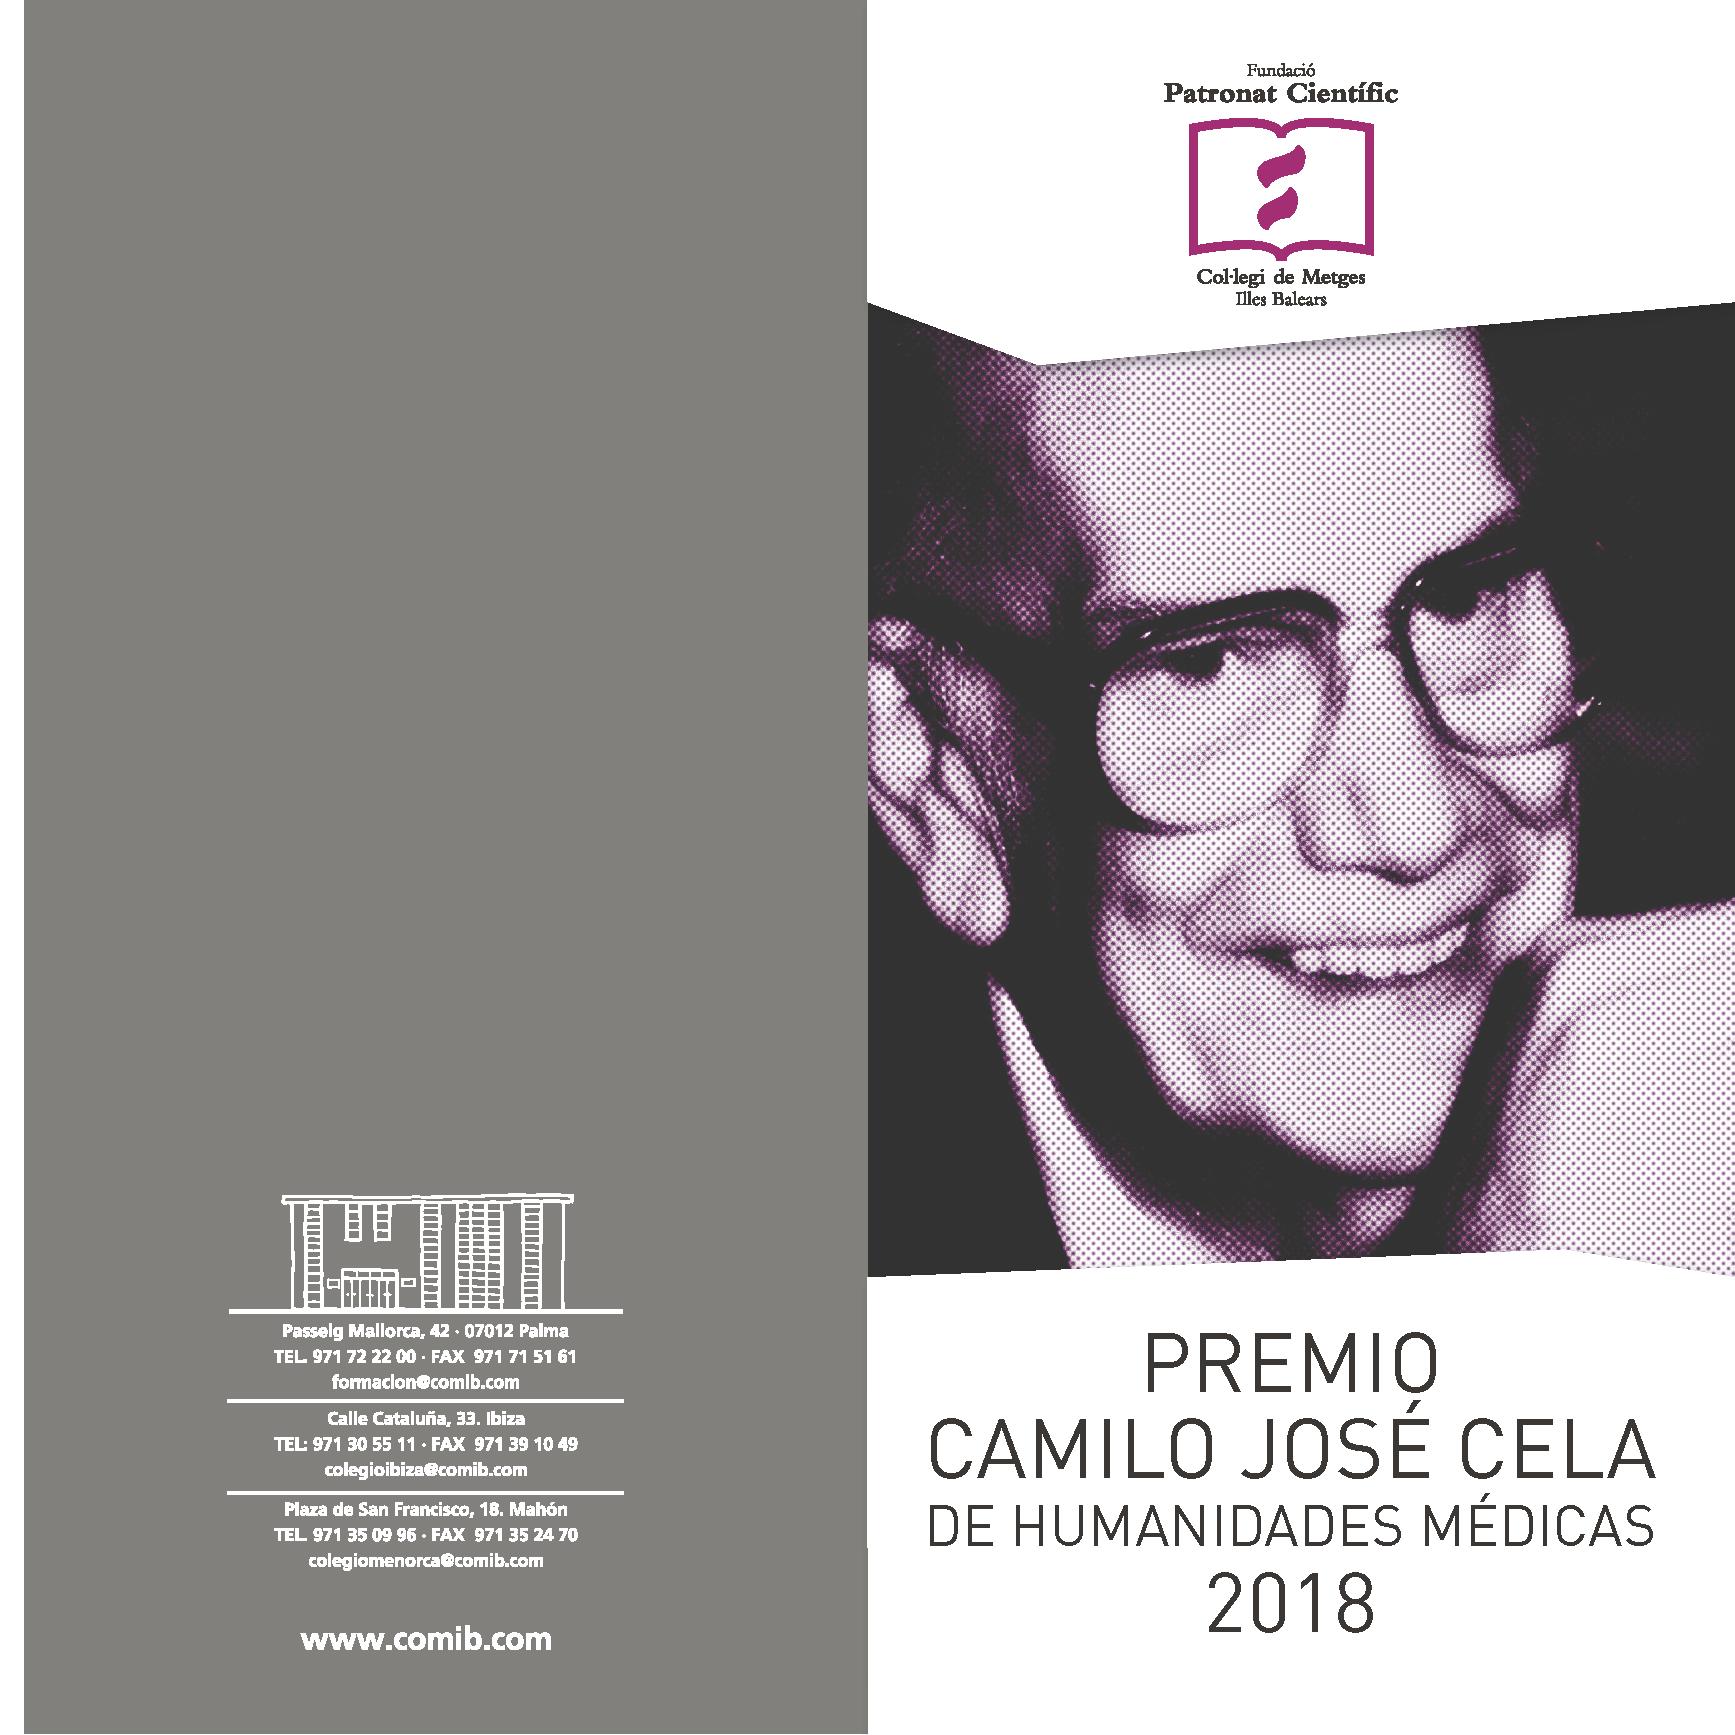 Premio Camilo Jose Cela 2018_1